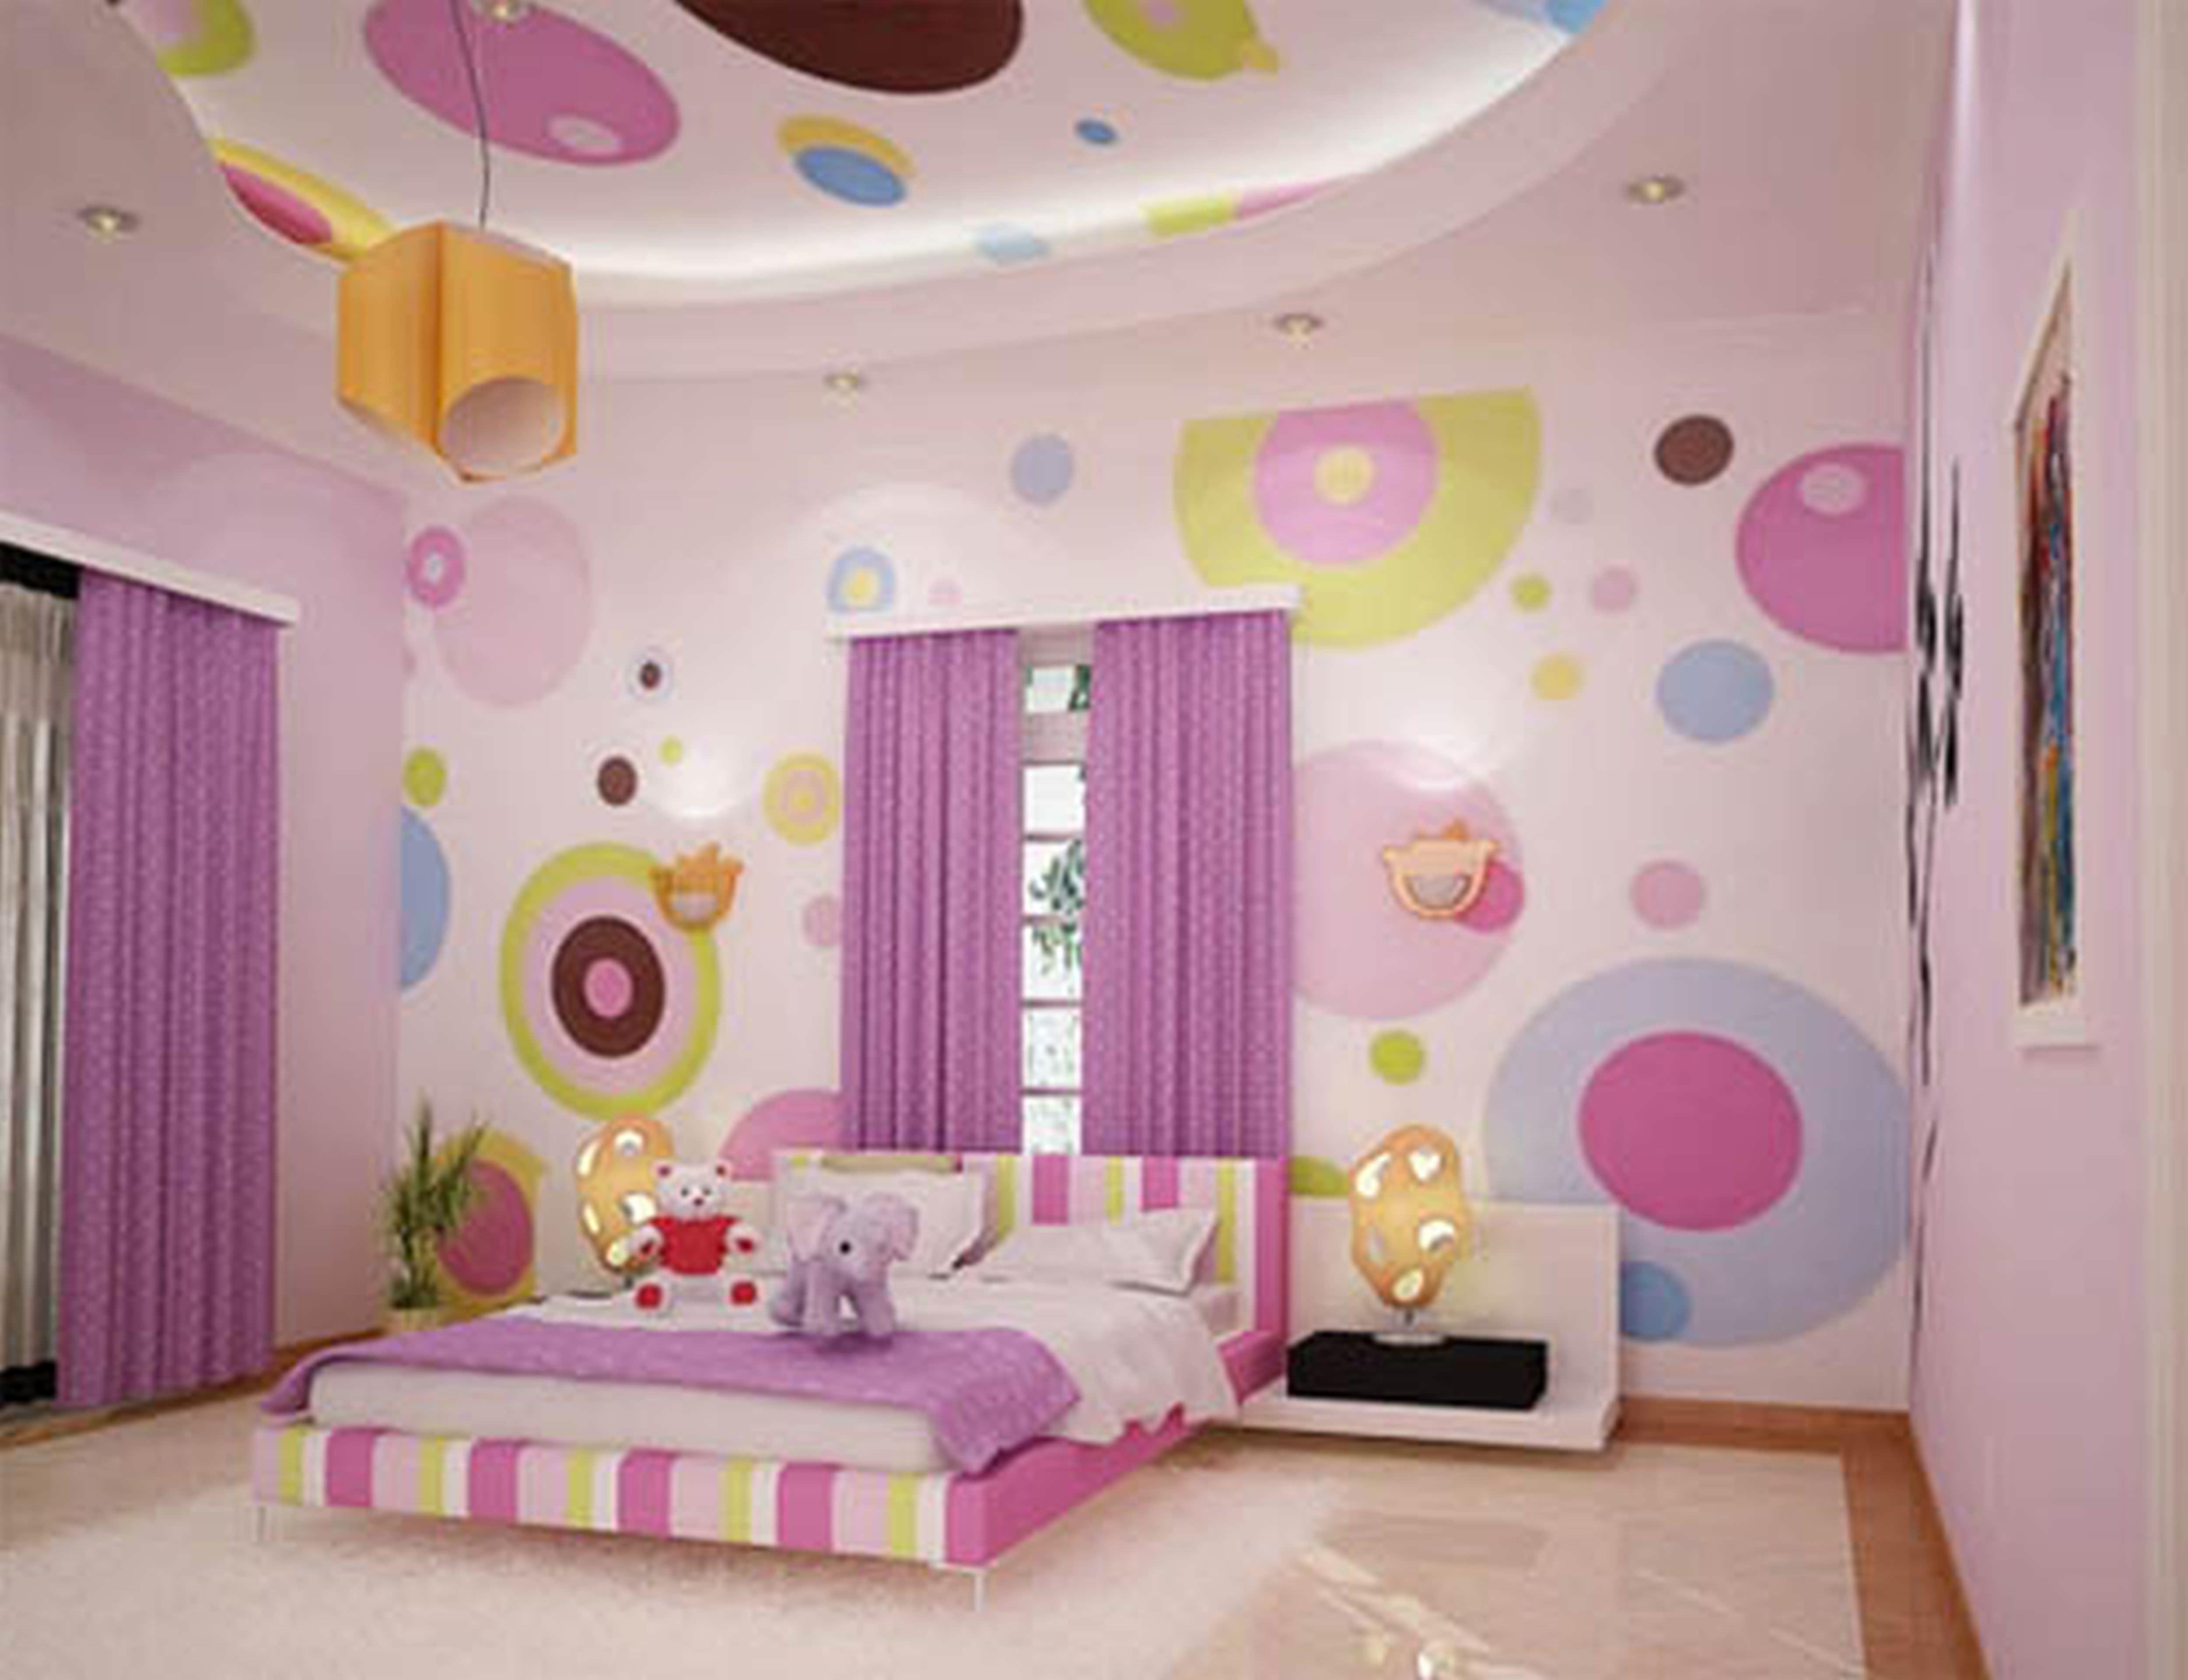 15+ Polka Dot Interior Wall Designs, Decor Ideas